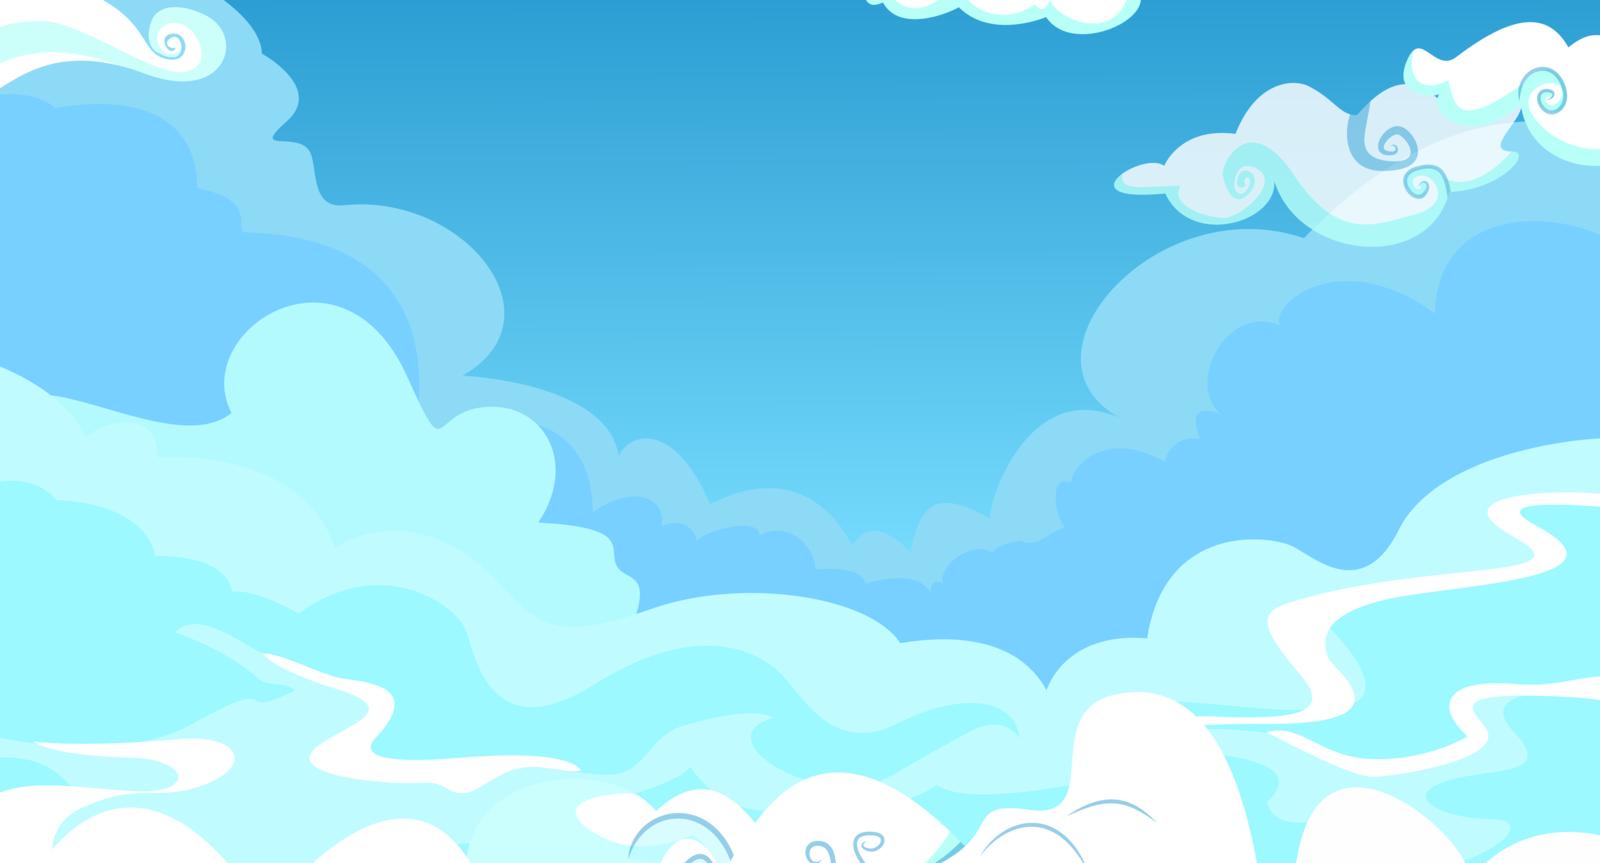 Sky clipart On Clipart Art Sky Clip